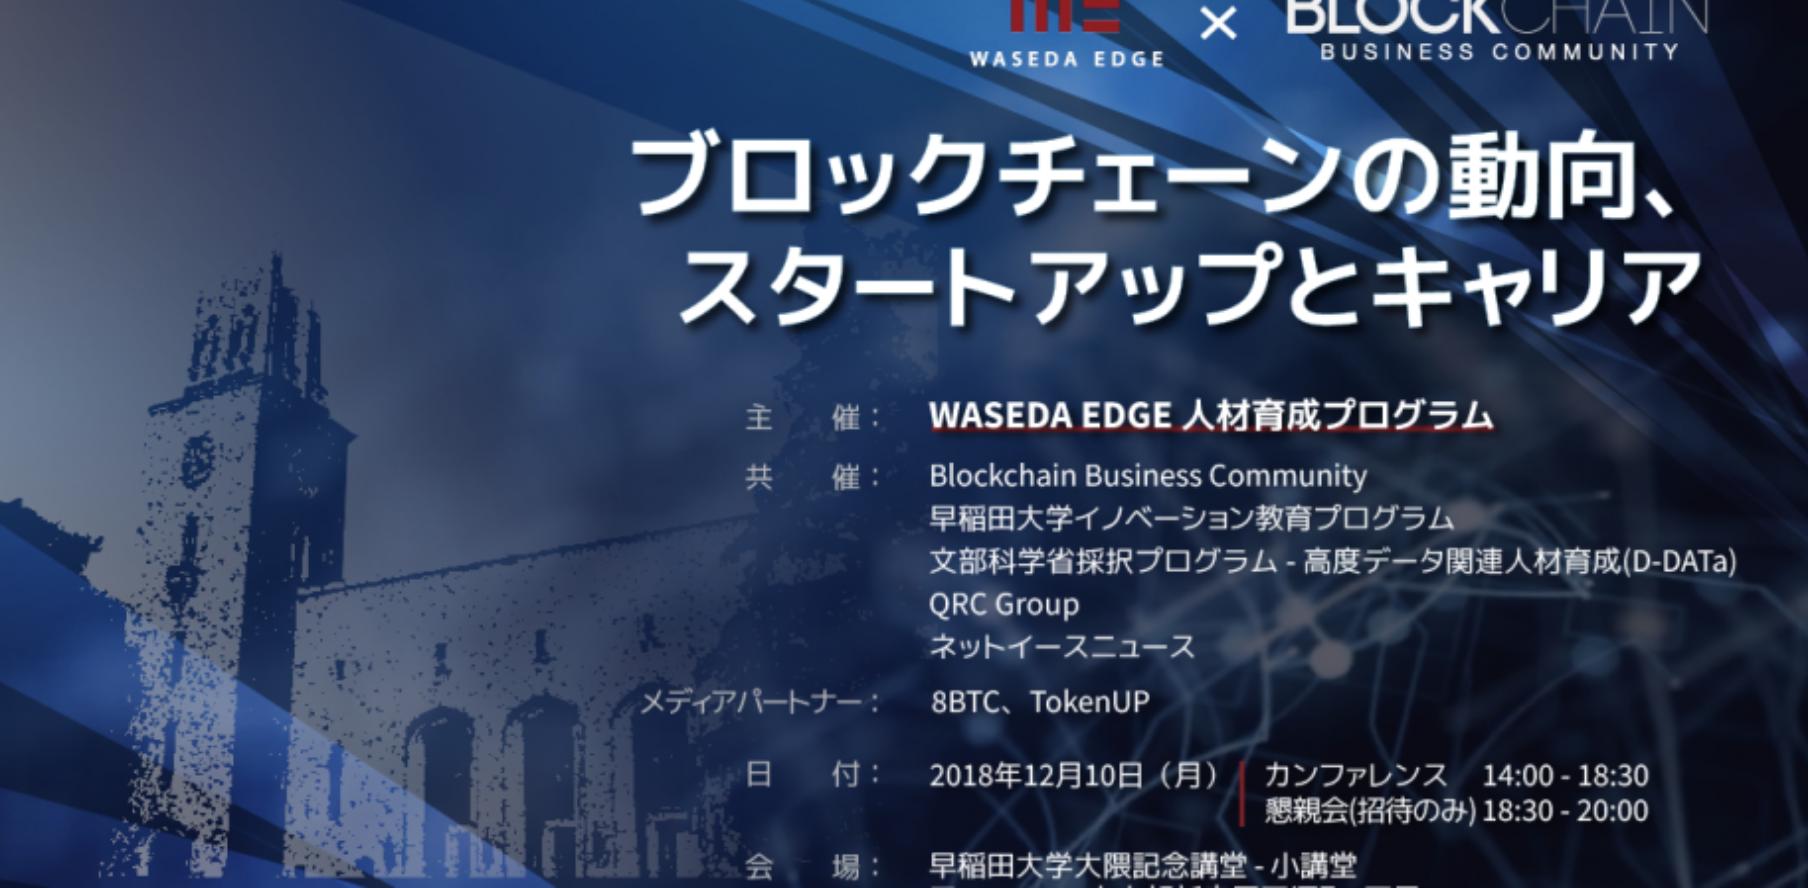 早稲田大学人材育成プログラム主催のブロックチェーンカンファレンス